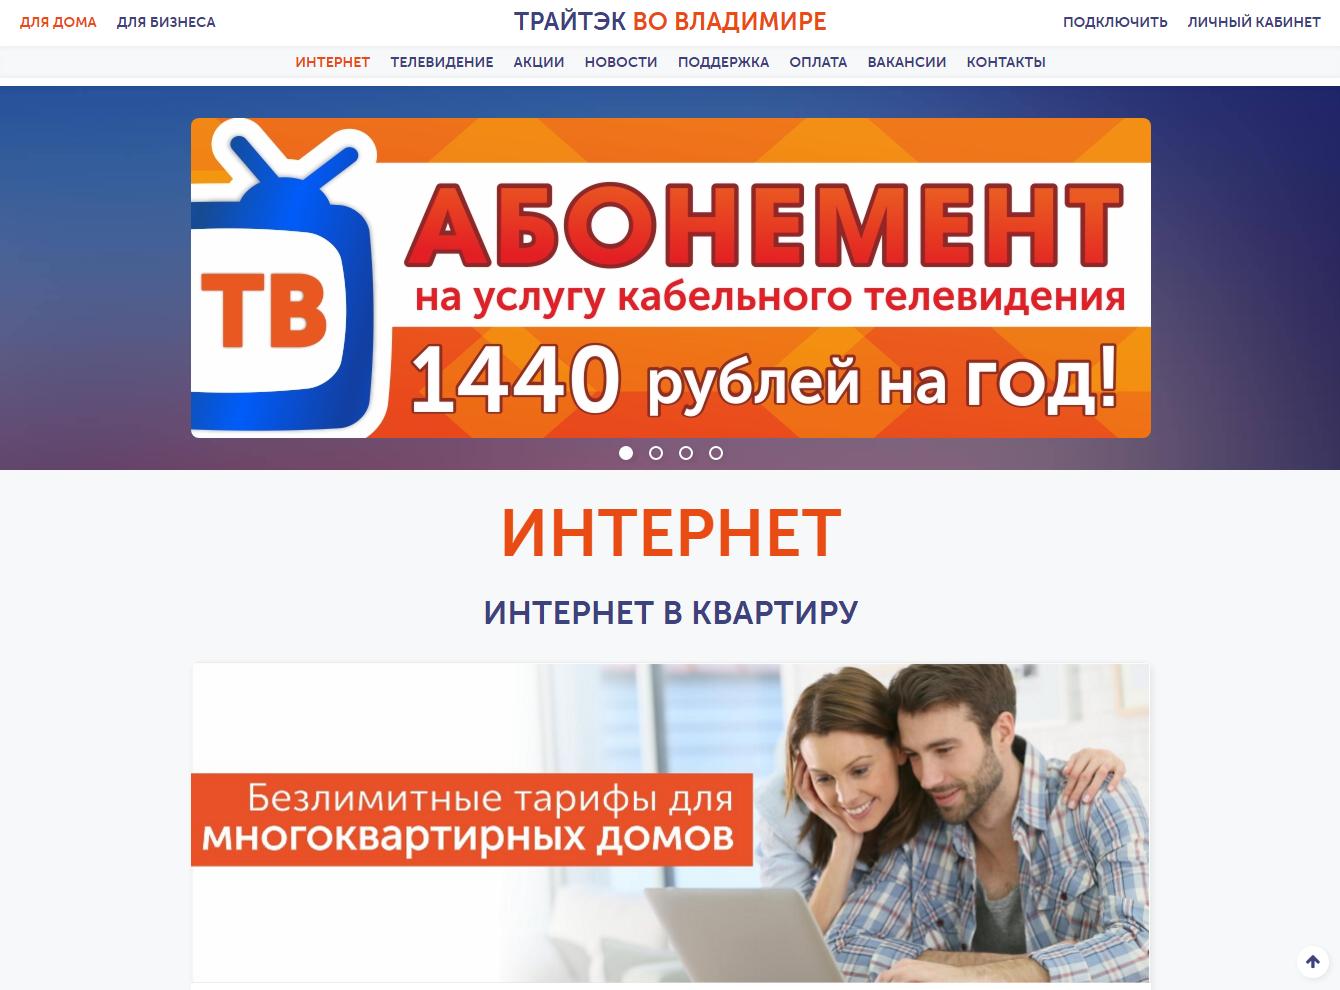 lichnyy-kabinet-traytek-1.png